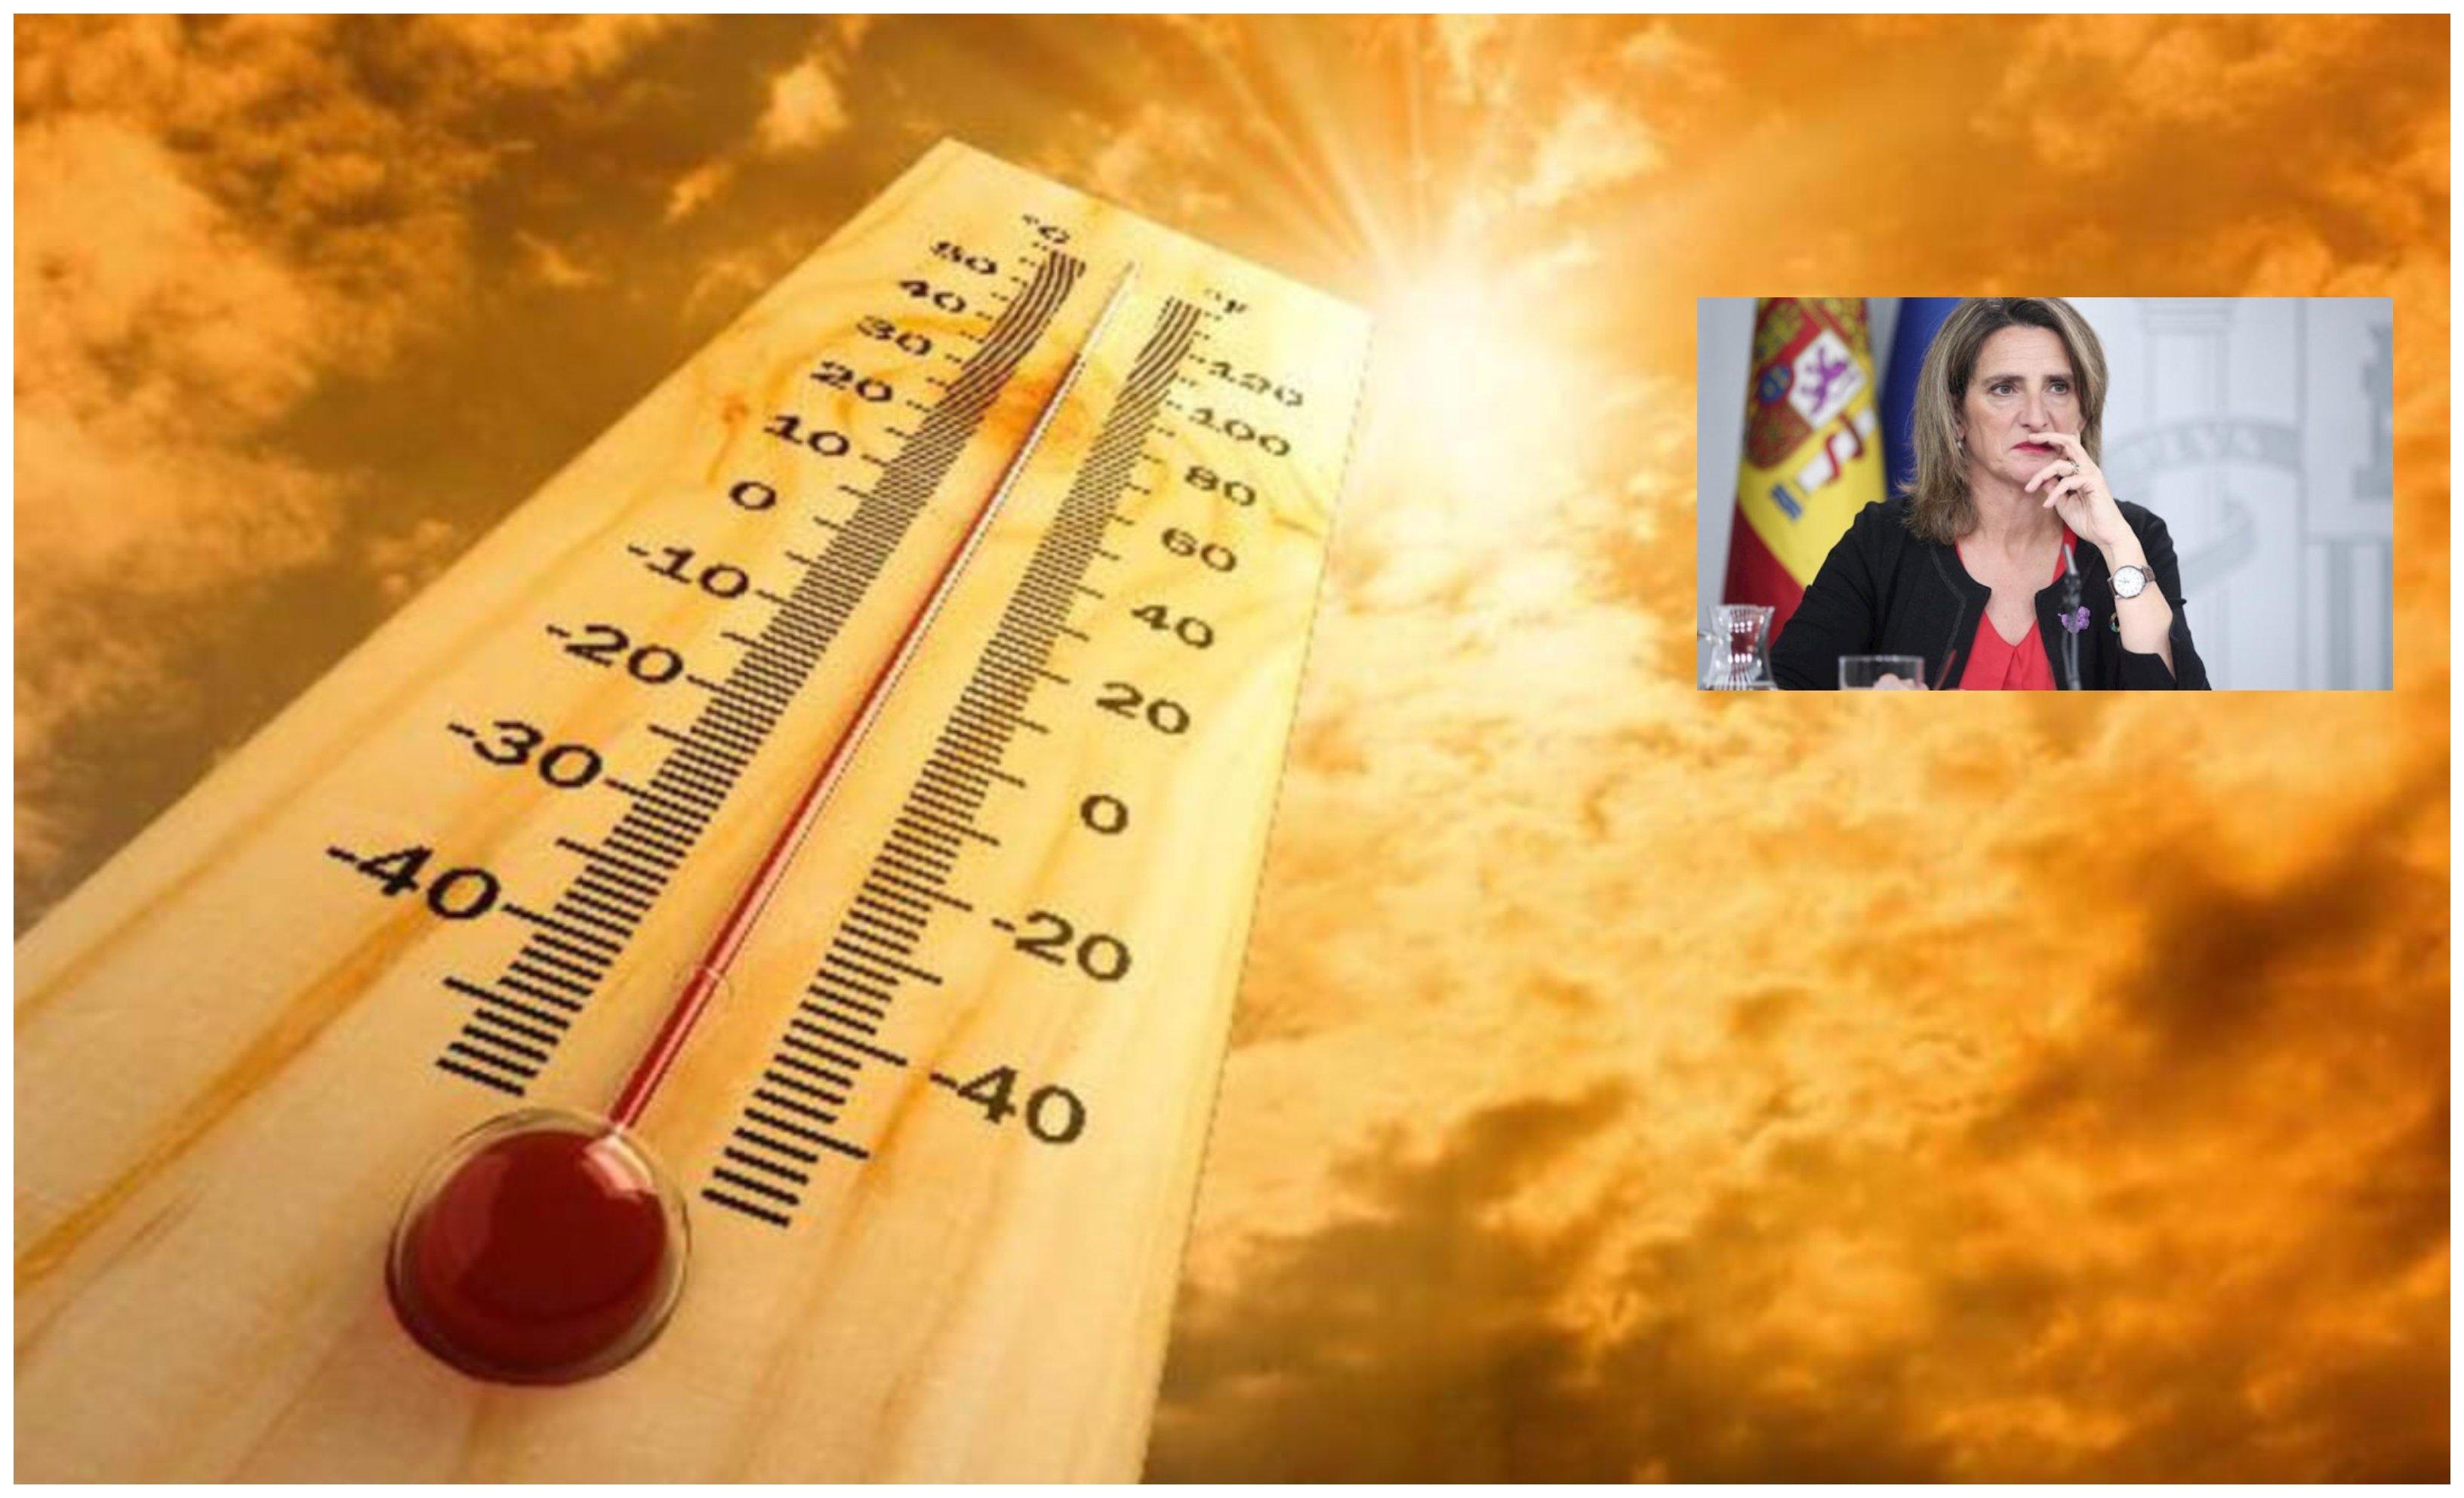 El 'apocalipsis ribereño': la vicepresidenta Ribera está muy preocupada, vamos a morir en 2100